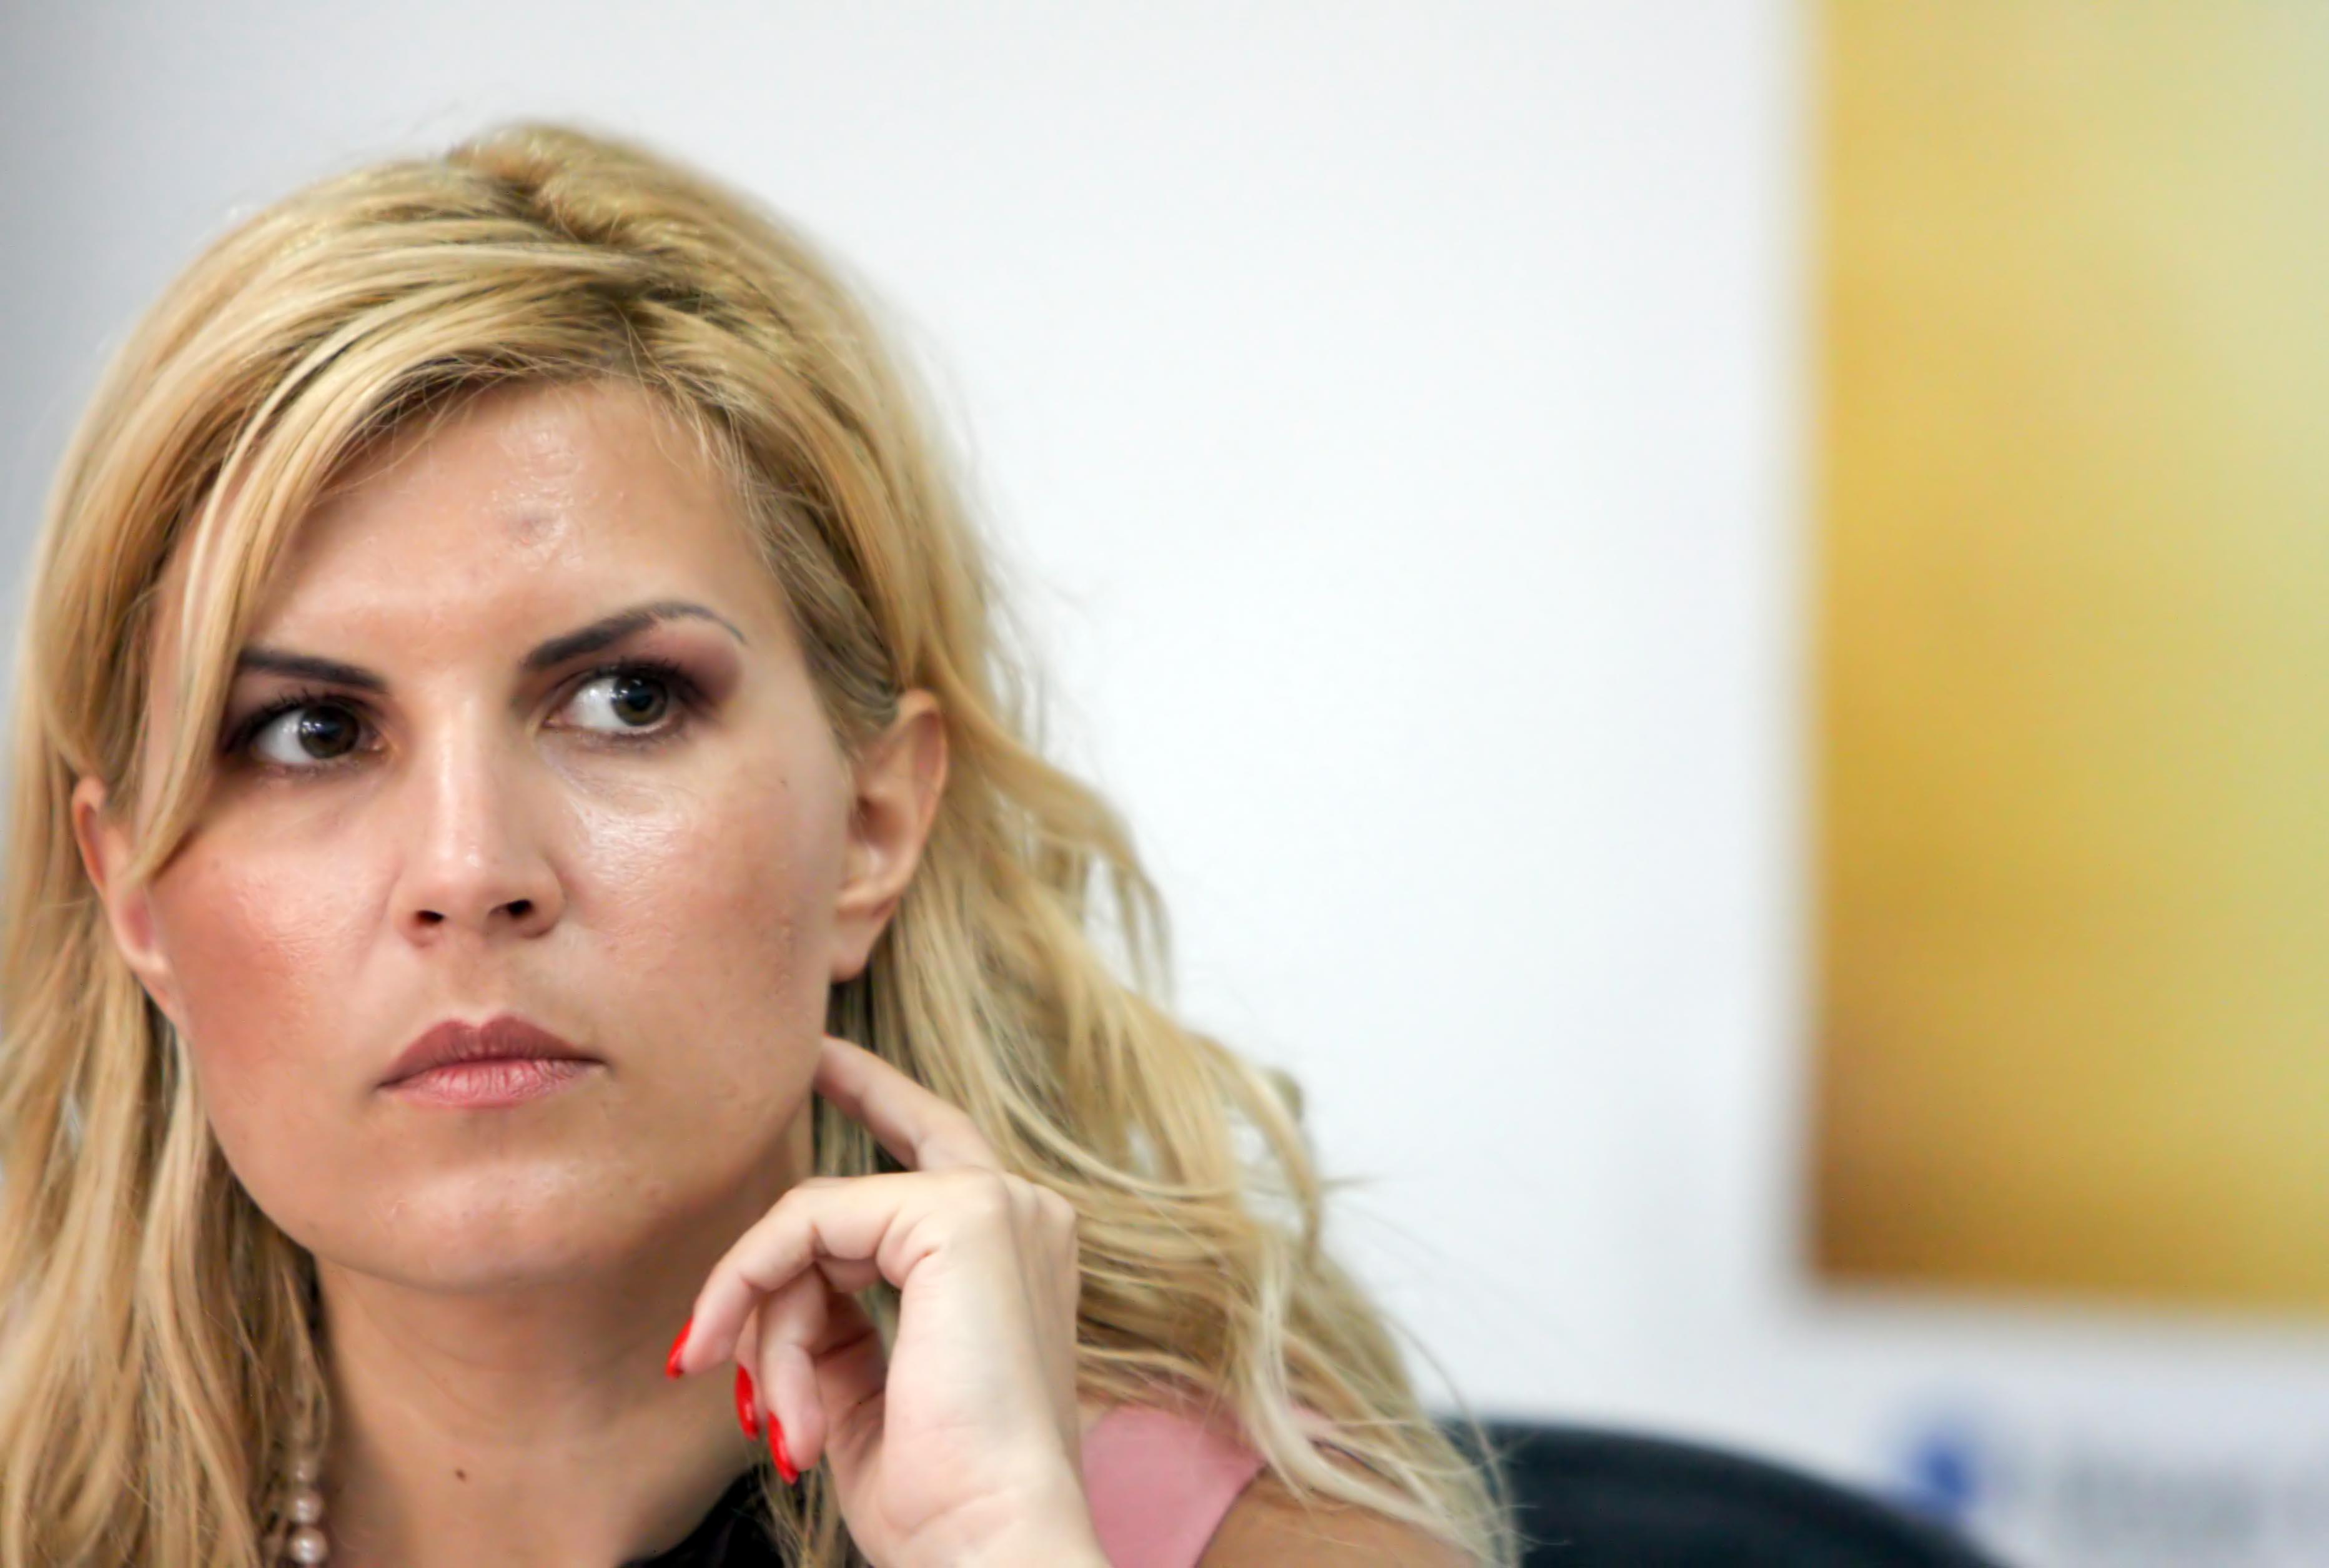 Cinci capete de acuzare a gasit comisia de ancheta in cazul Elenei Udrea!